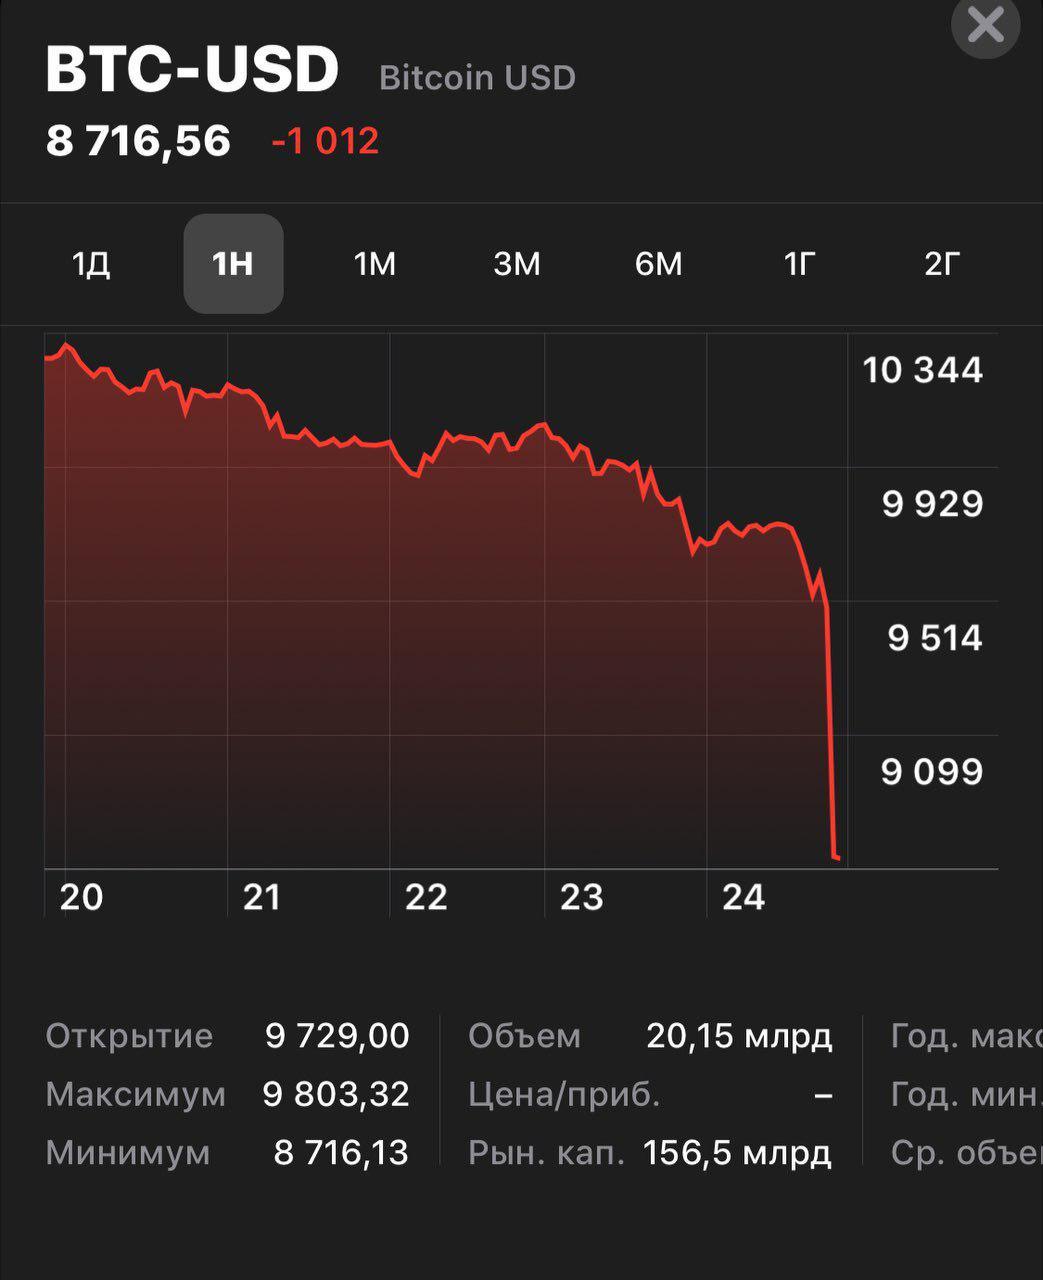 Курс биткоина стремительно падает